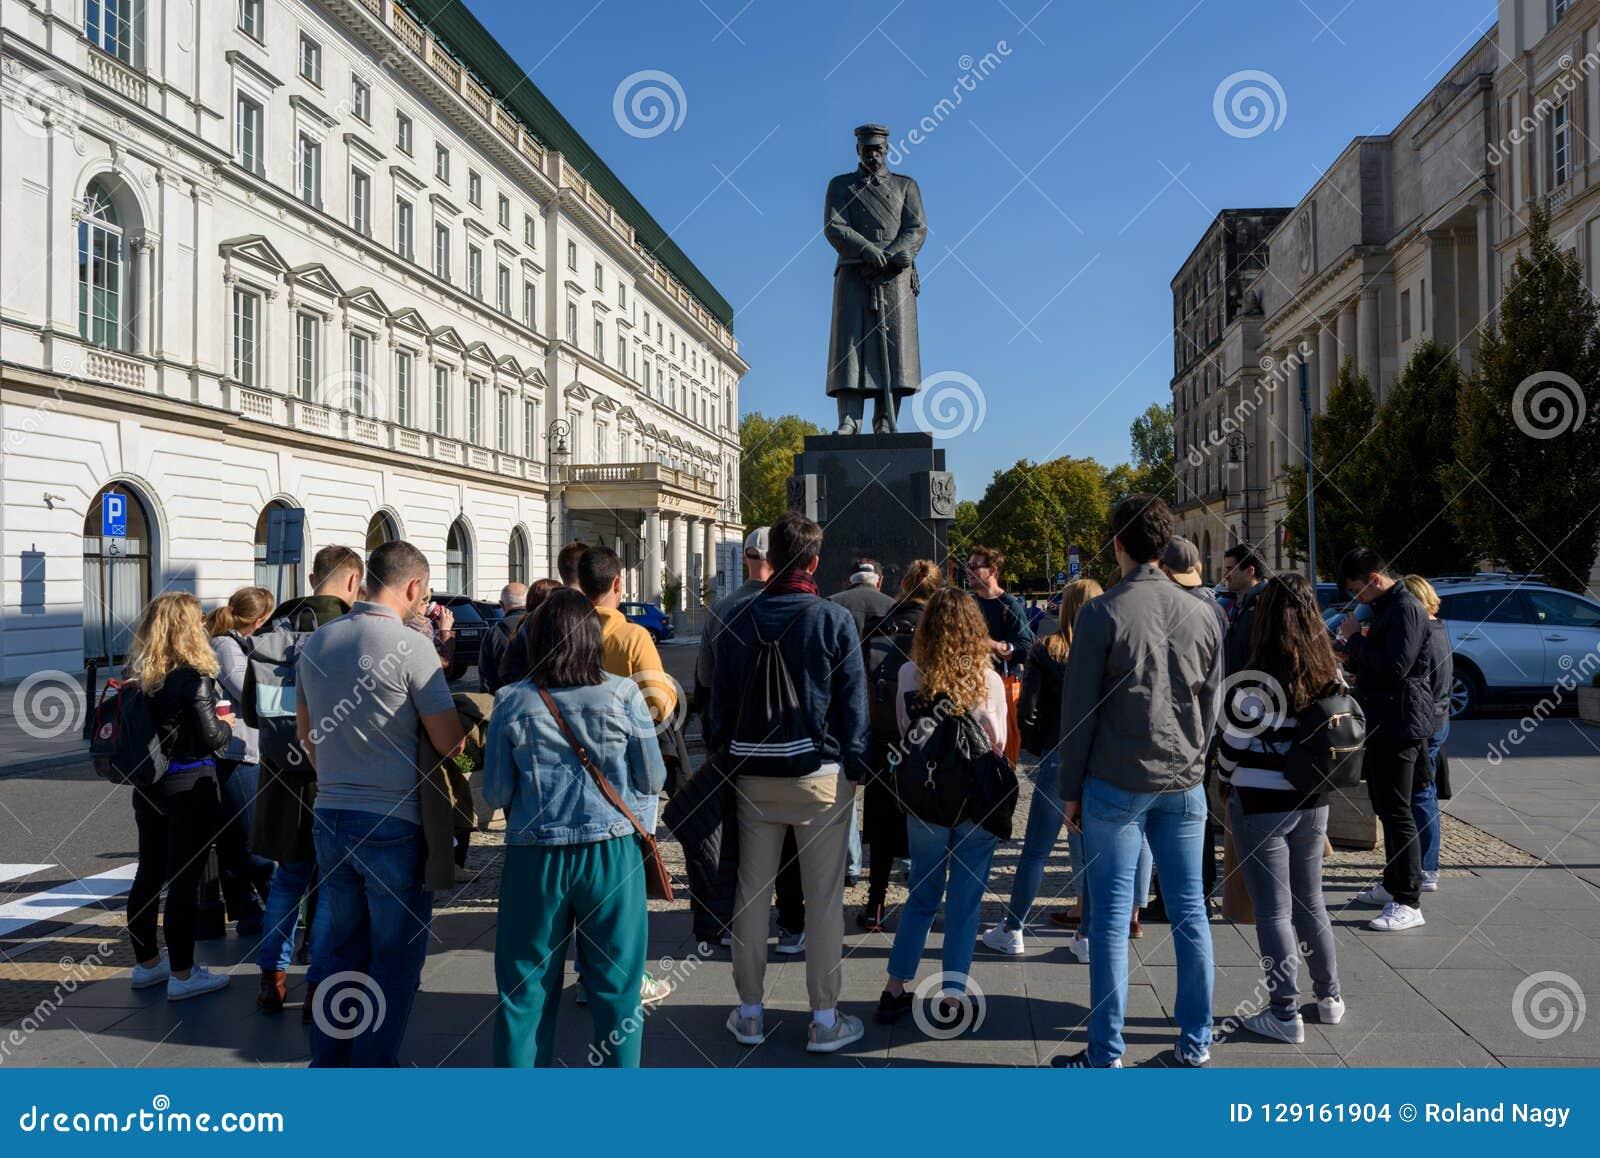 Jozef Pilsudski Monument in Warschau,